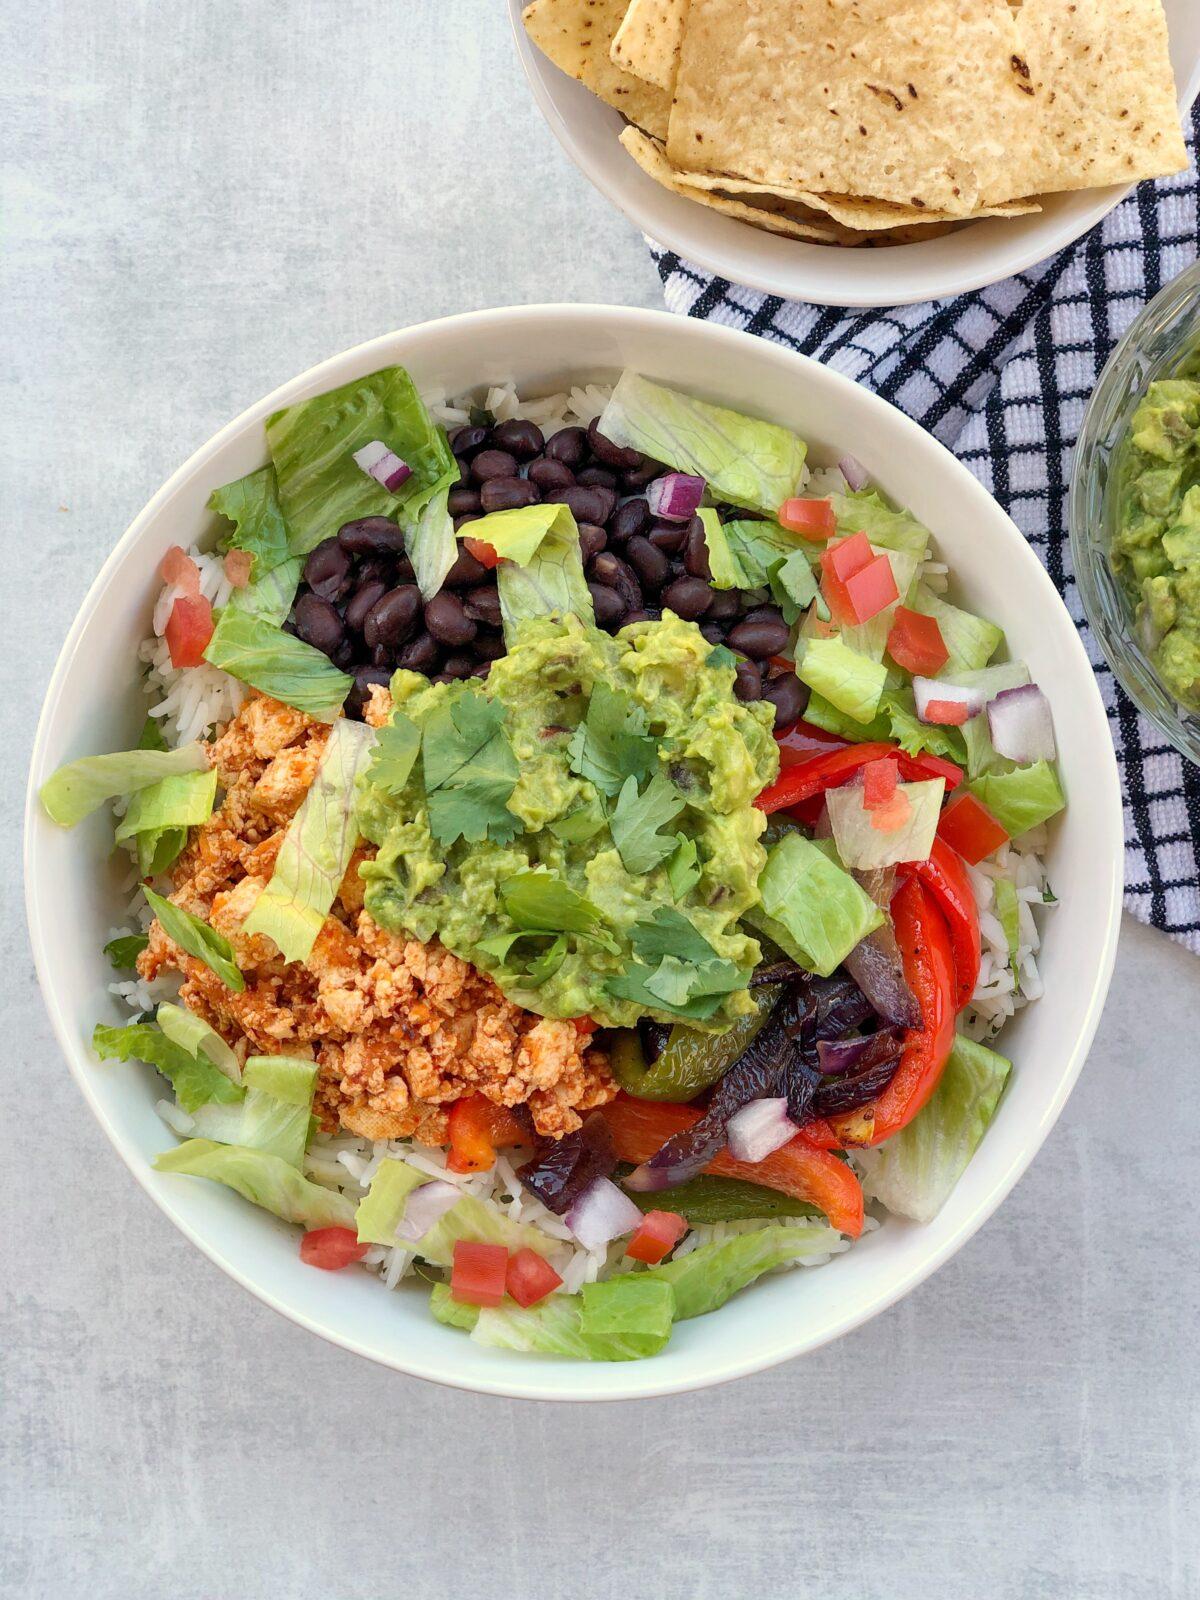 Easy Homemade Sofritas Burrito Bowl